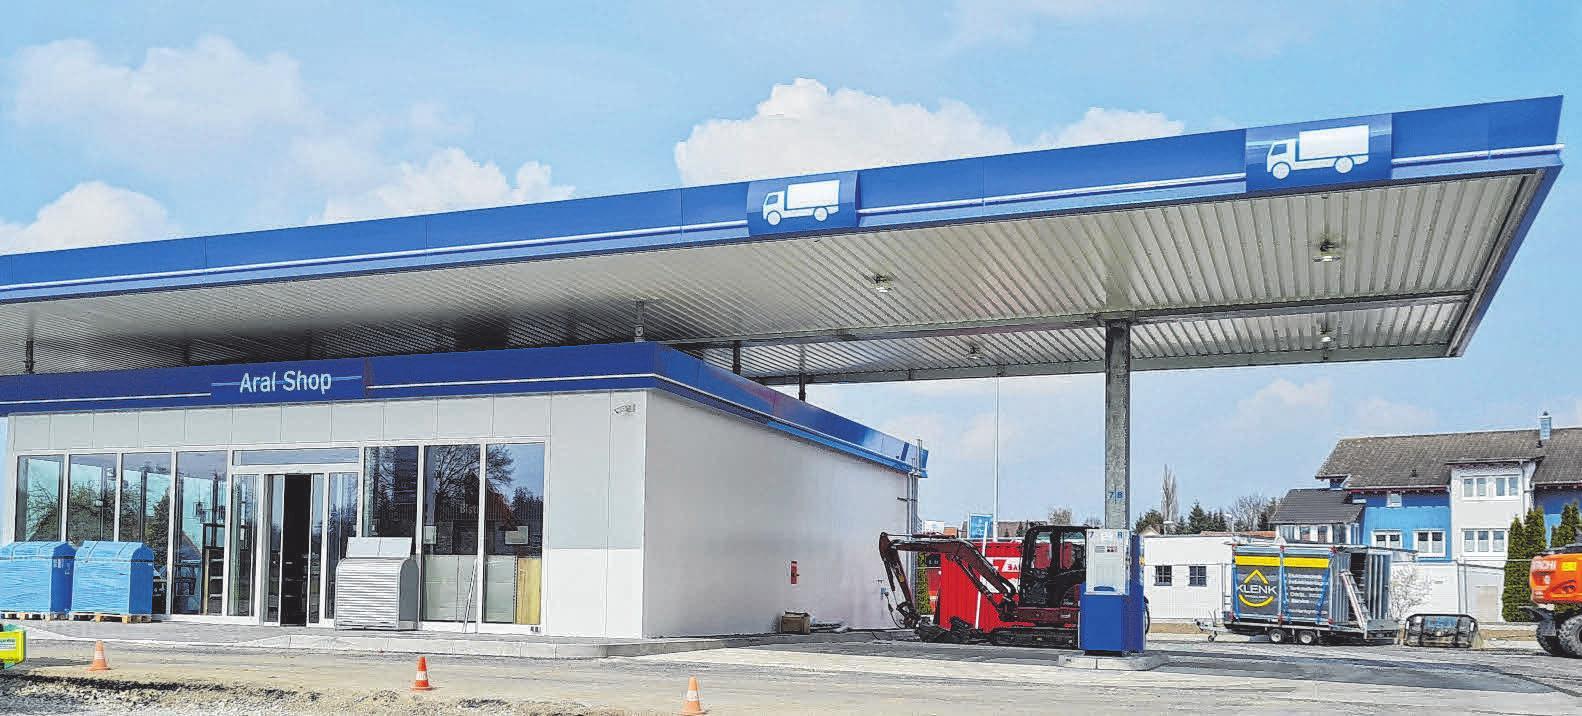 Die Lkw-Tankplätze sind von den Zapfsäulen für Pkw räumlich getrennt. FOTOS: OEL-HEIMBURGER